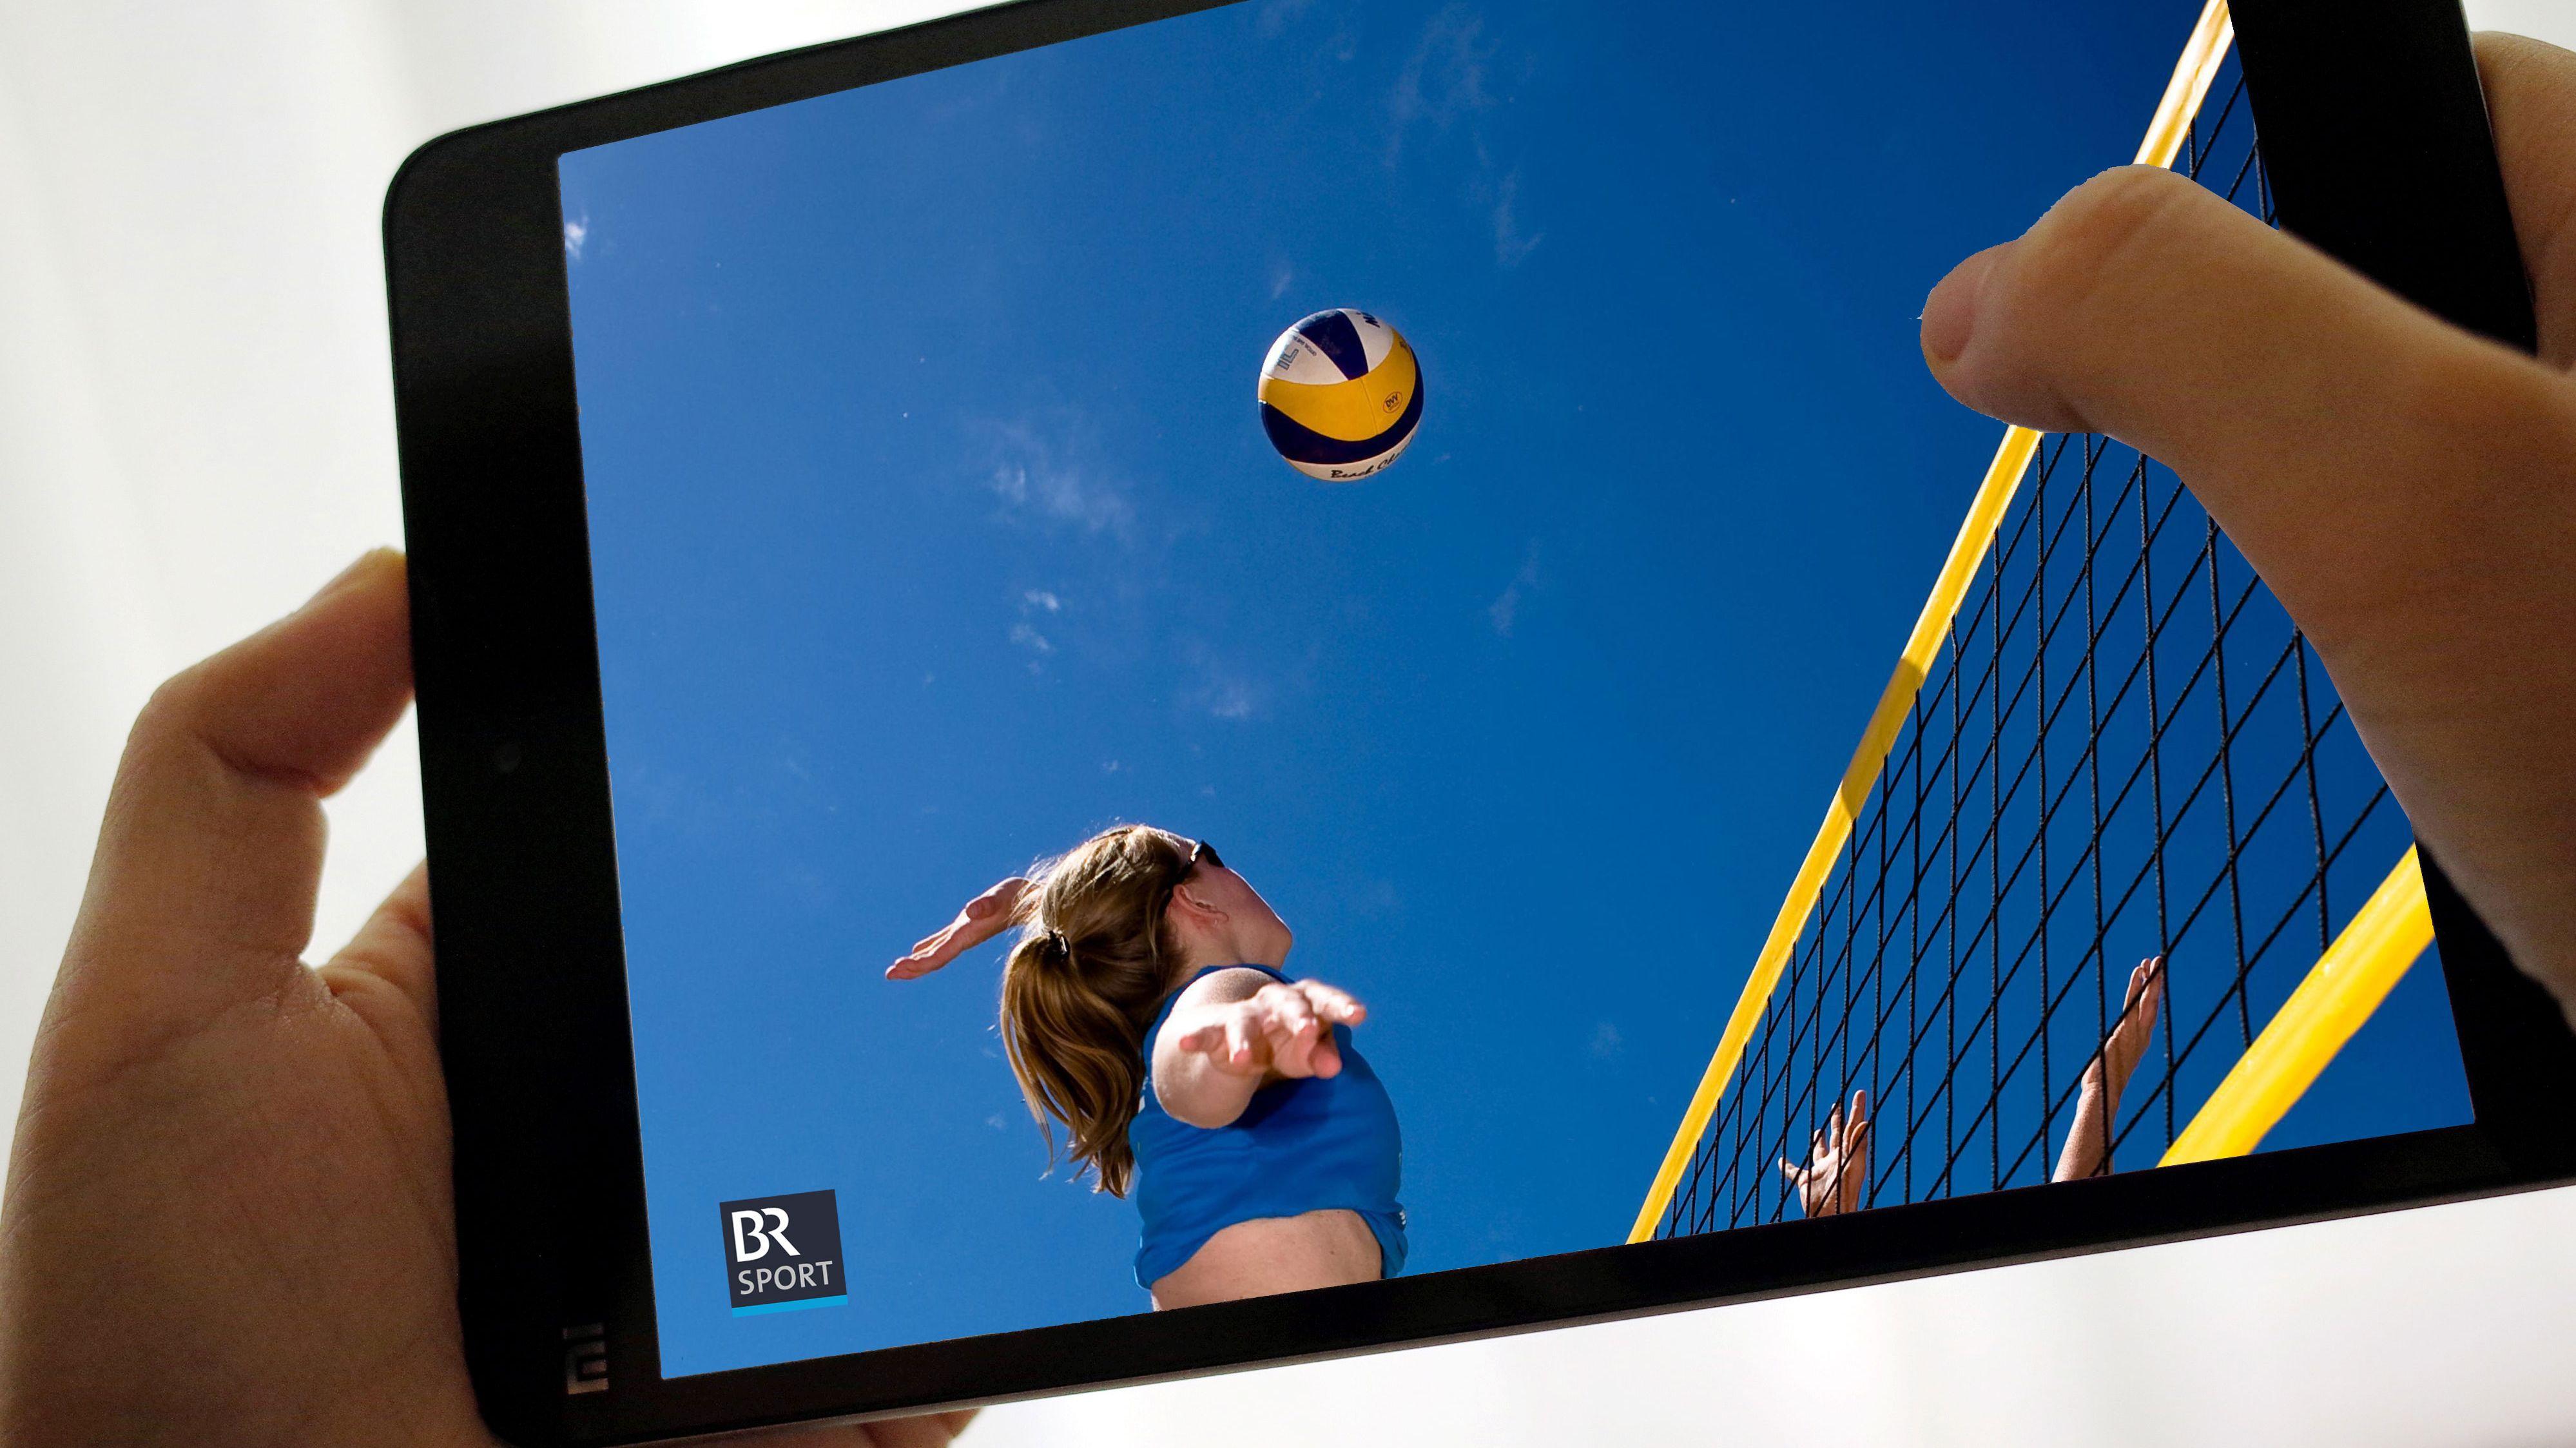 Hände halten ein Tablet, auf dem ein Beachvolleyballspiel zu sehen ist